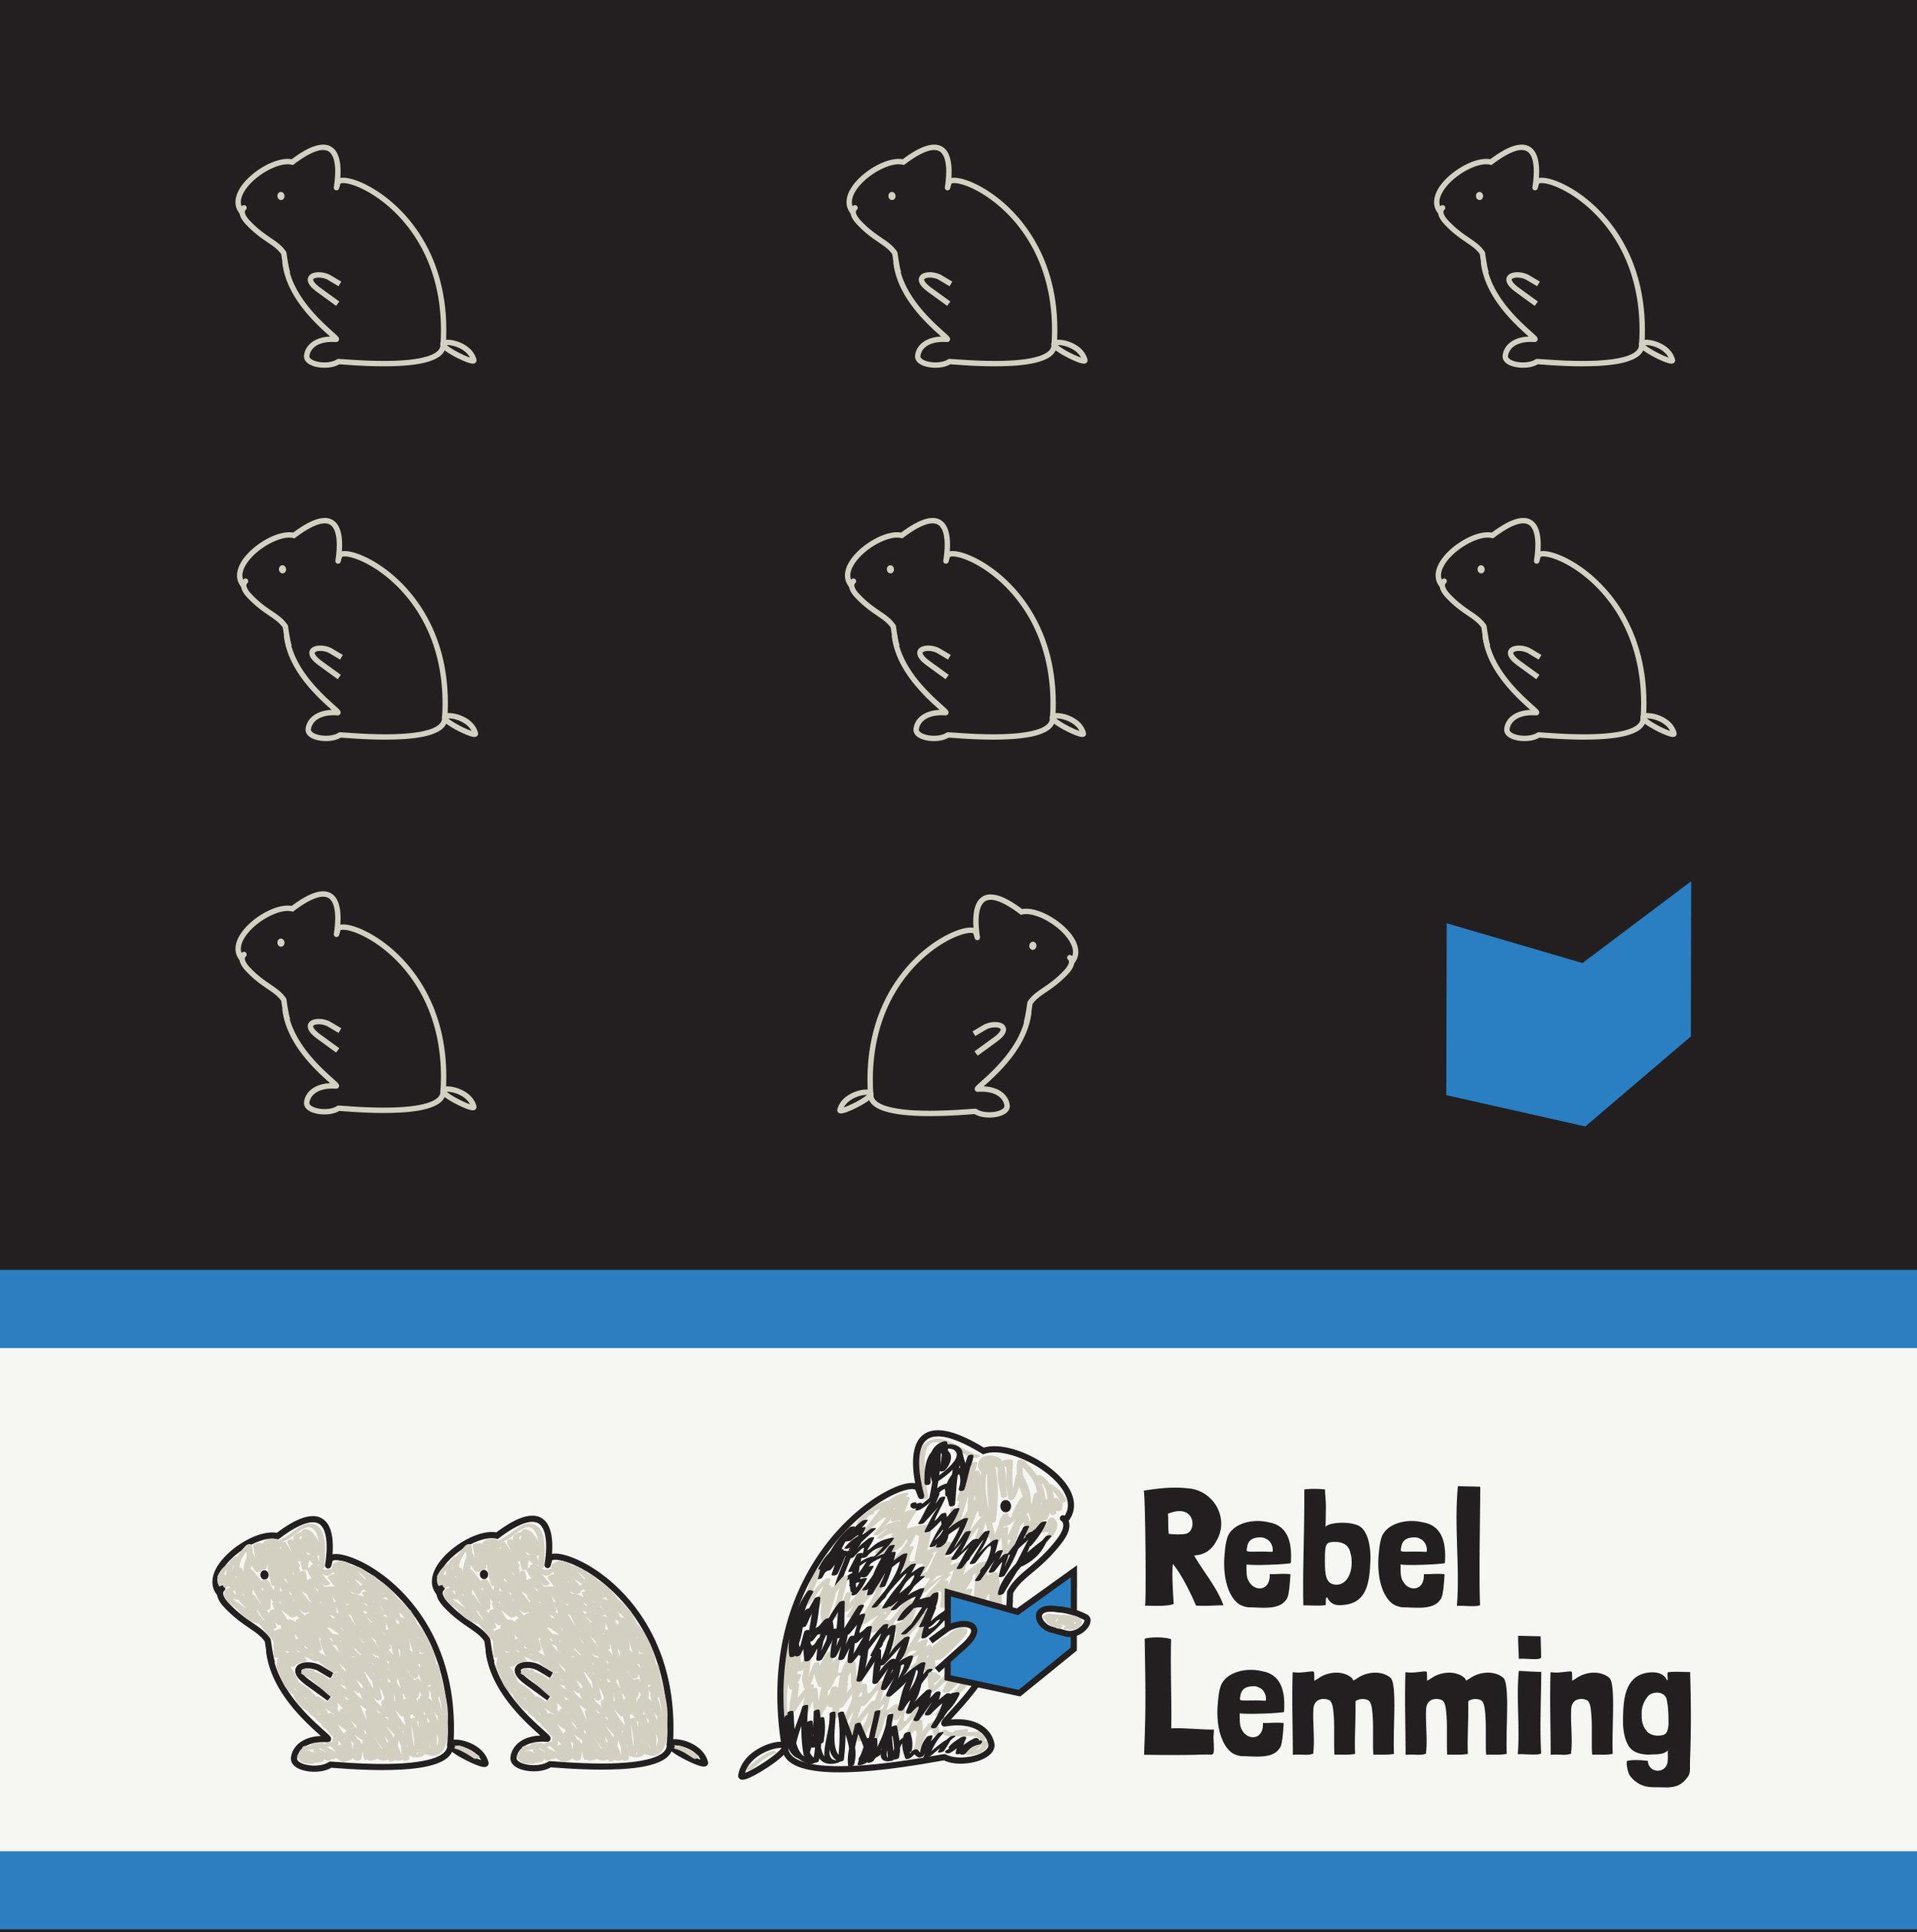 rebellemming.jpg